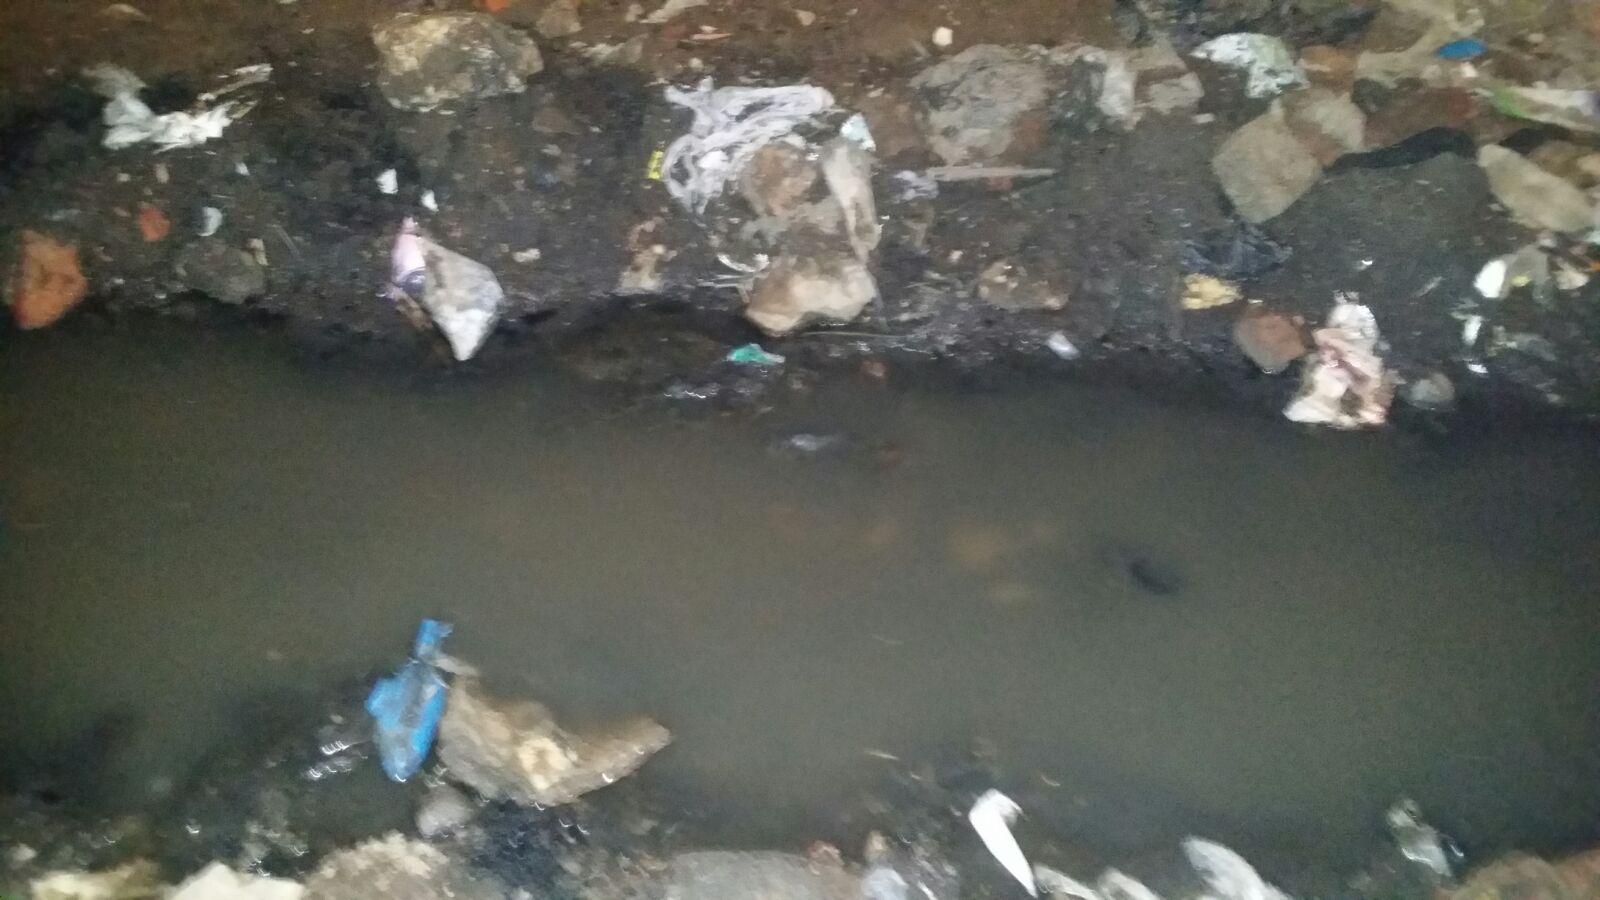 قنوات صغيرة تشق شوارع بالدويقة للتخلص من الصرف.. ورئيس الحي: «هانعمل إيه»